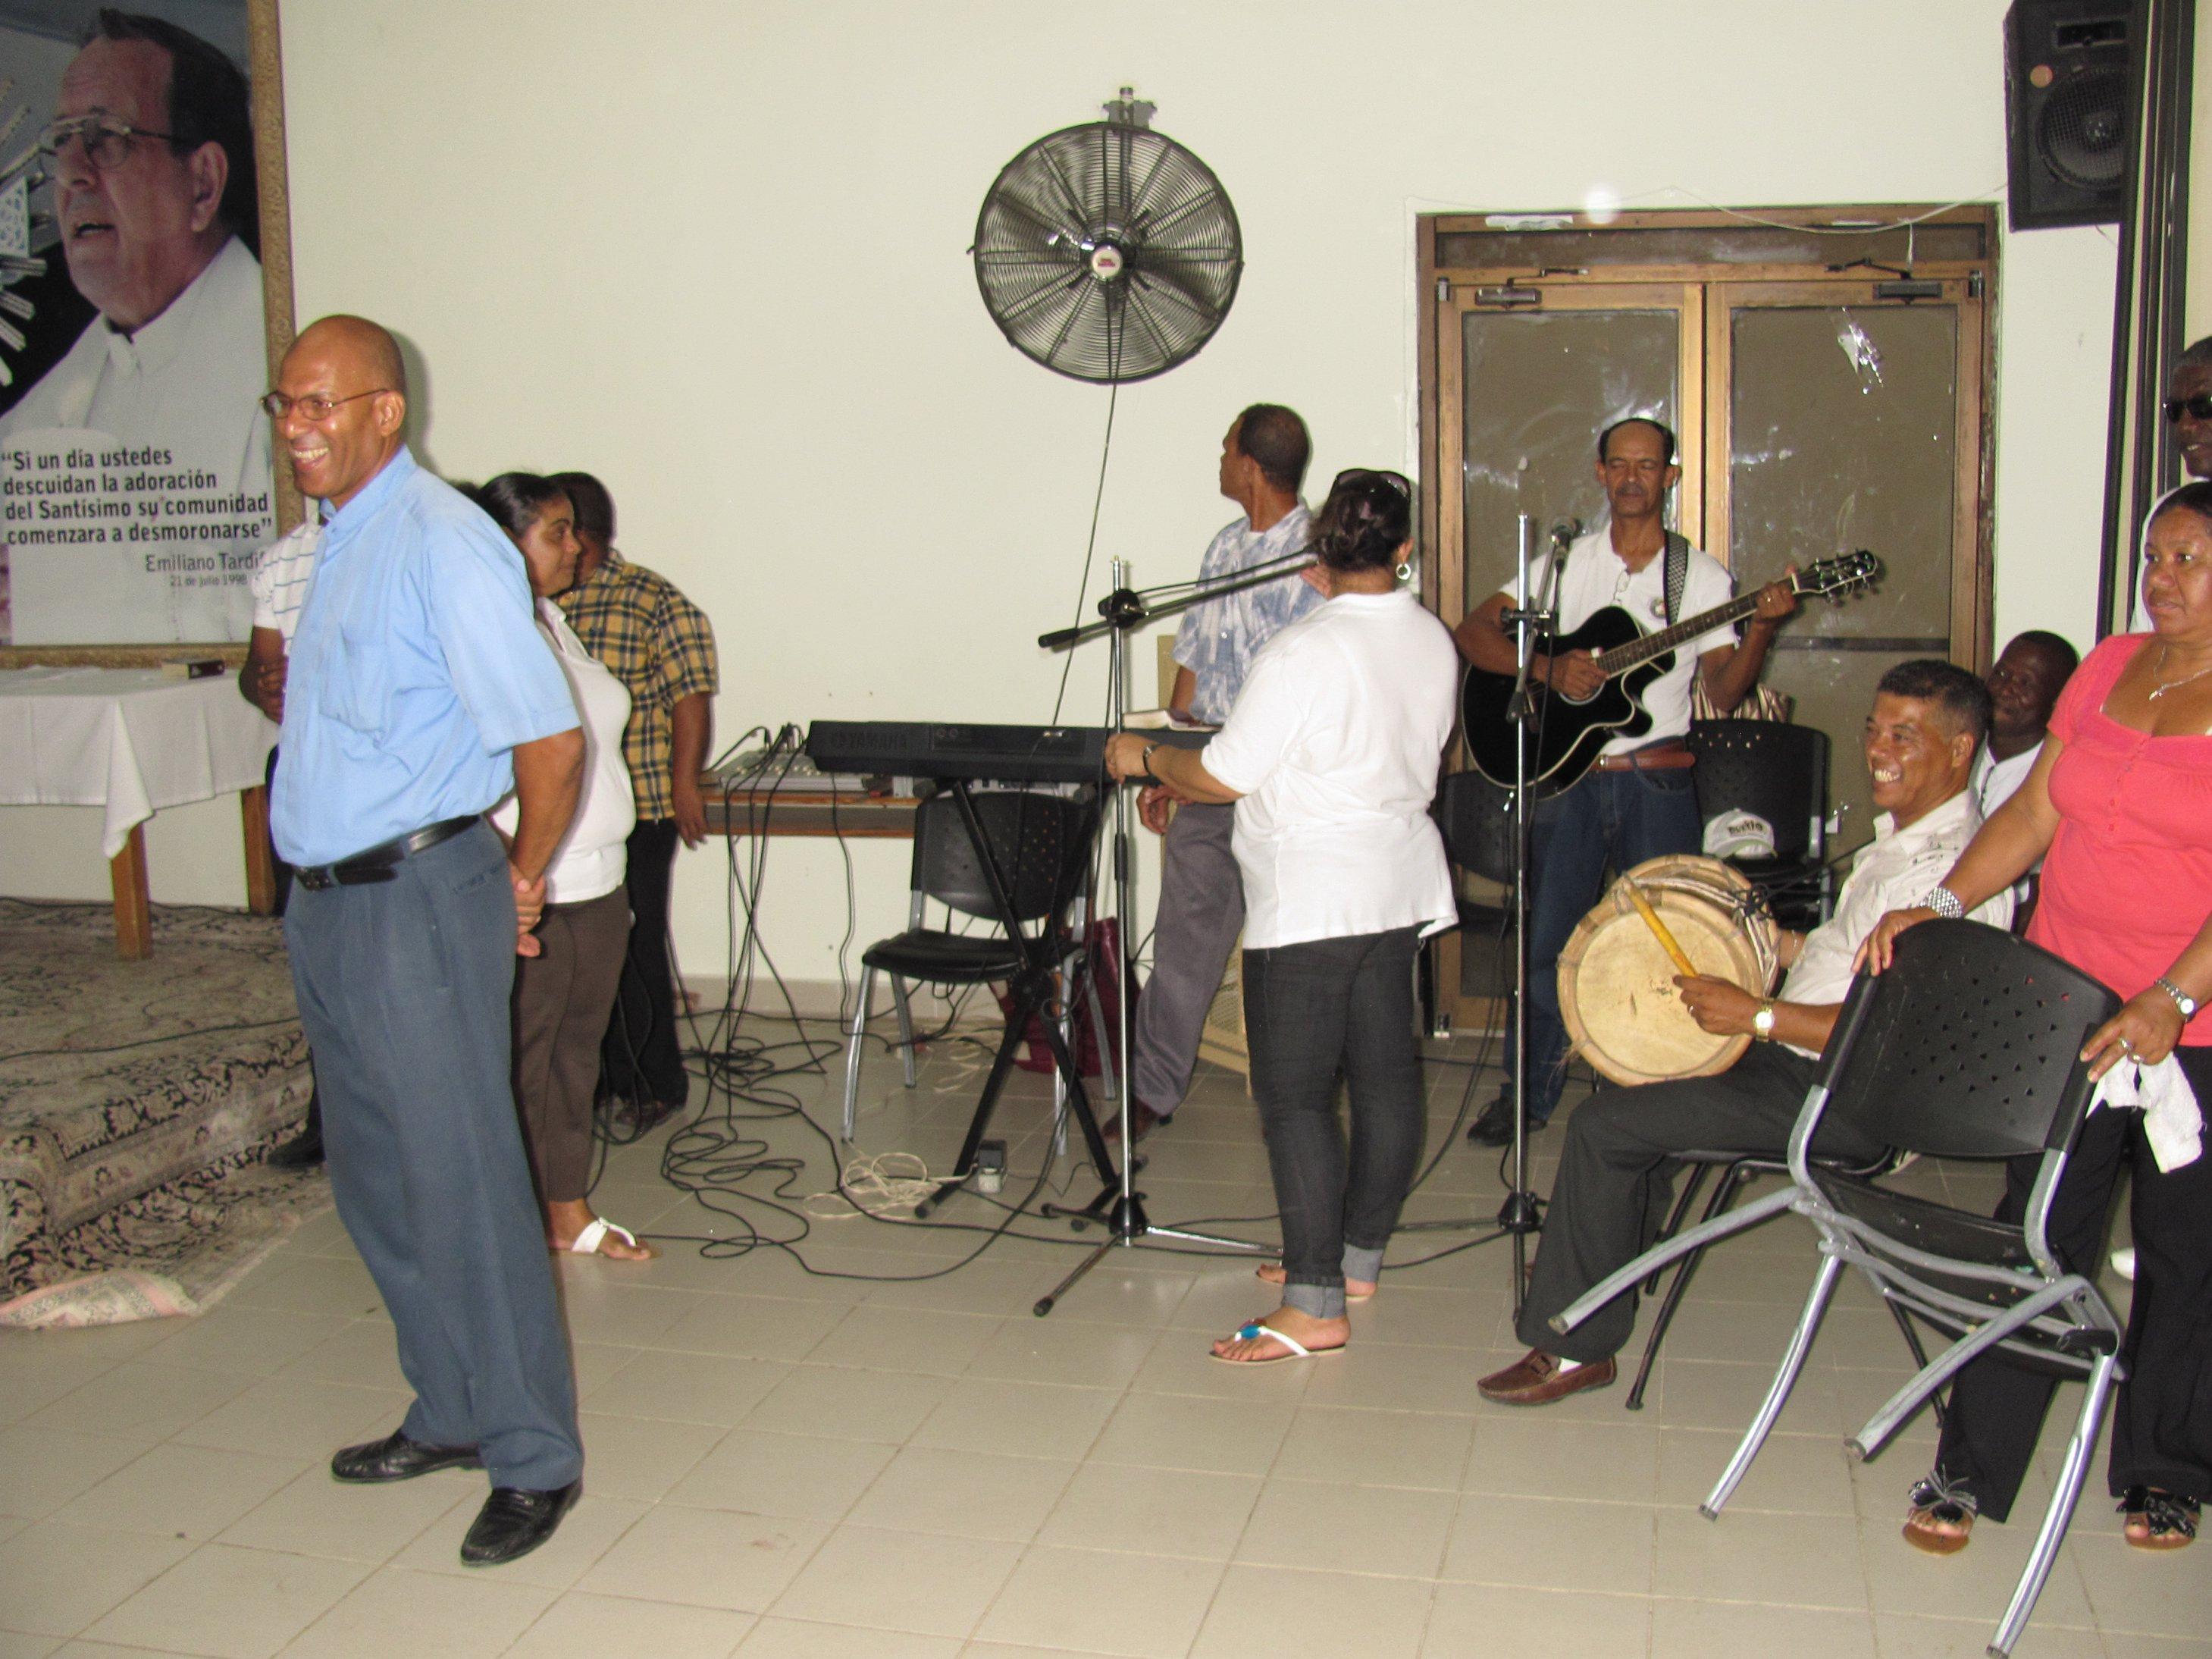 guaricano_convivencia_2012-06-24-09-56-17